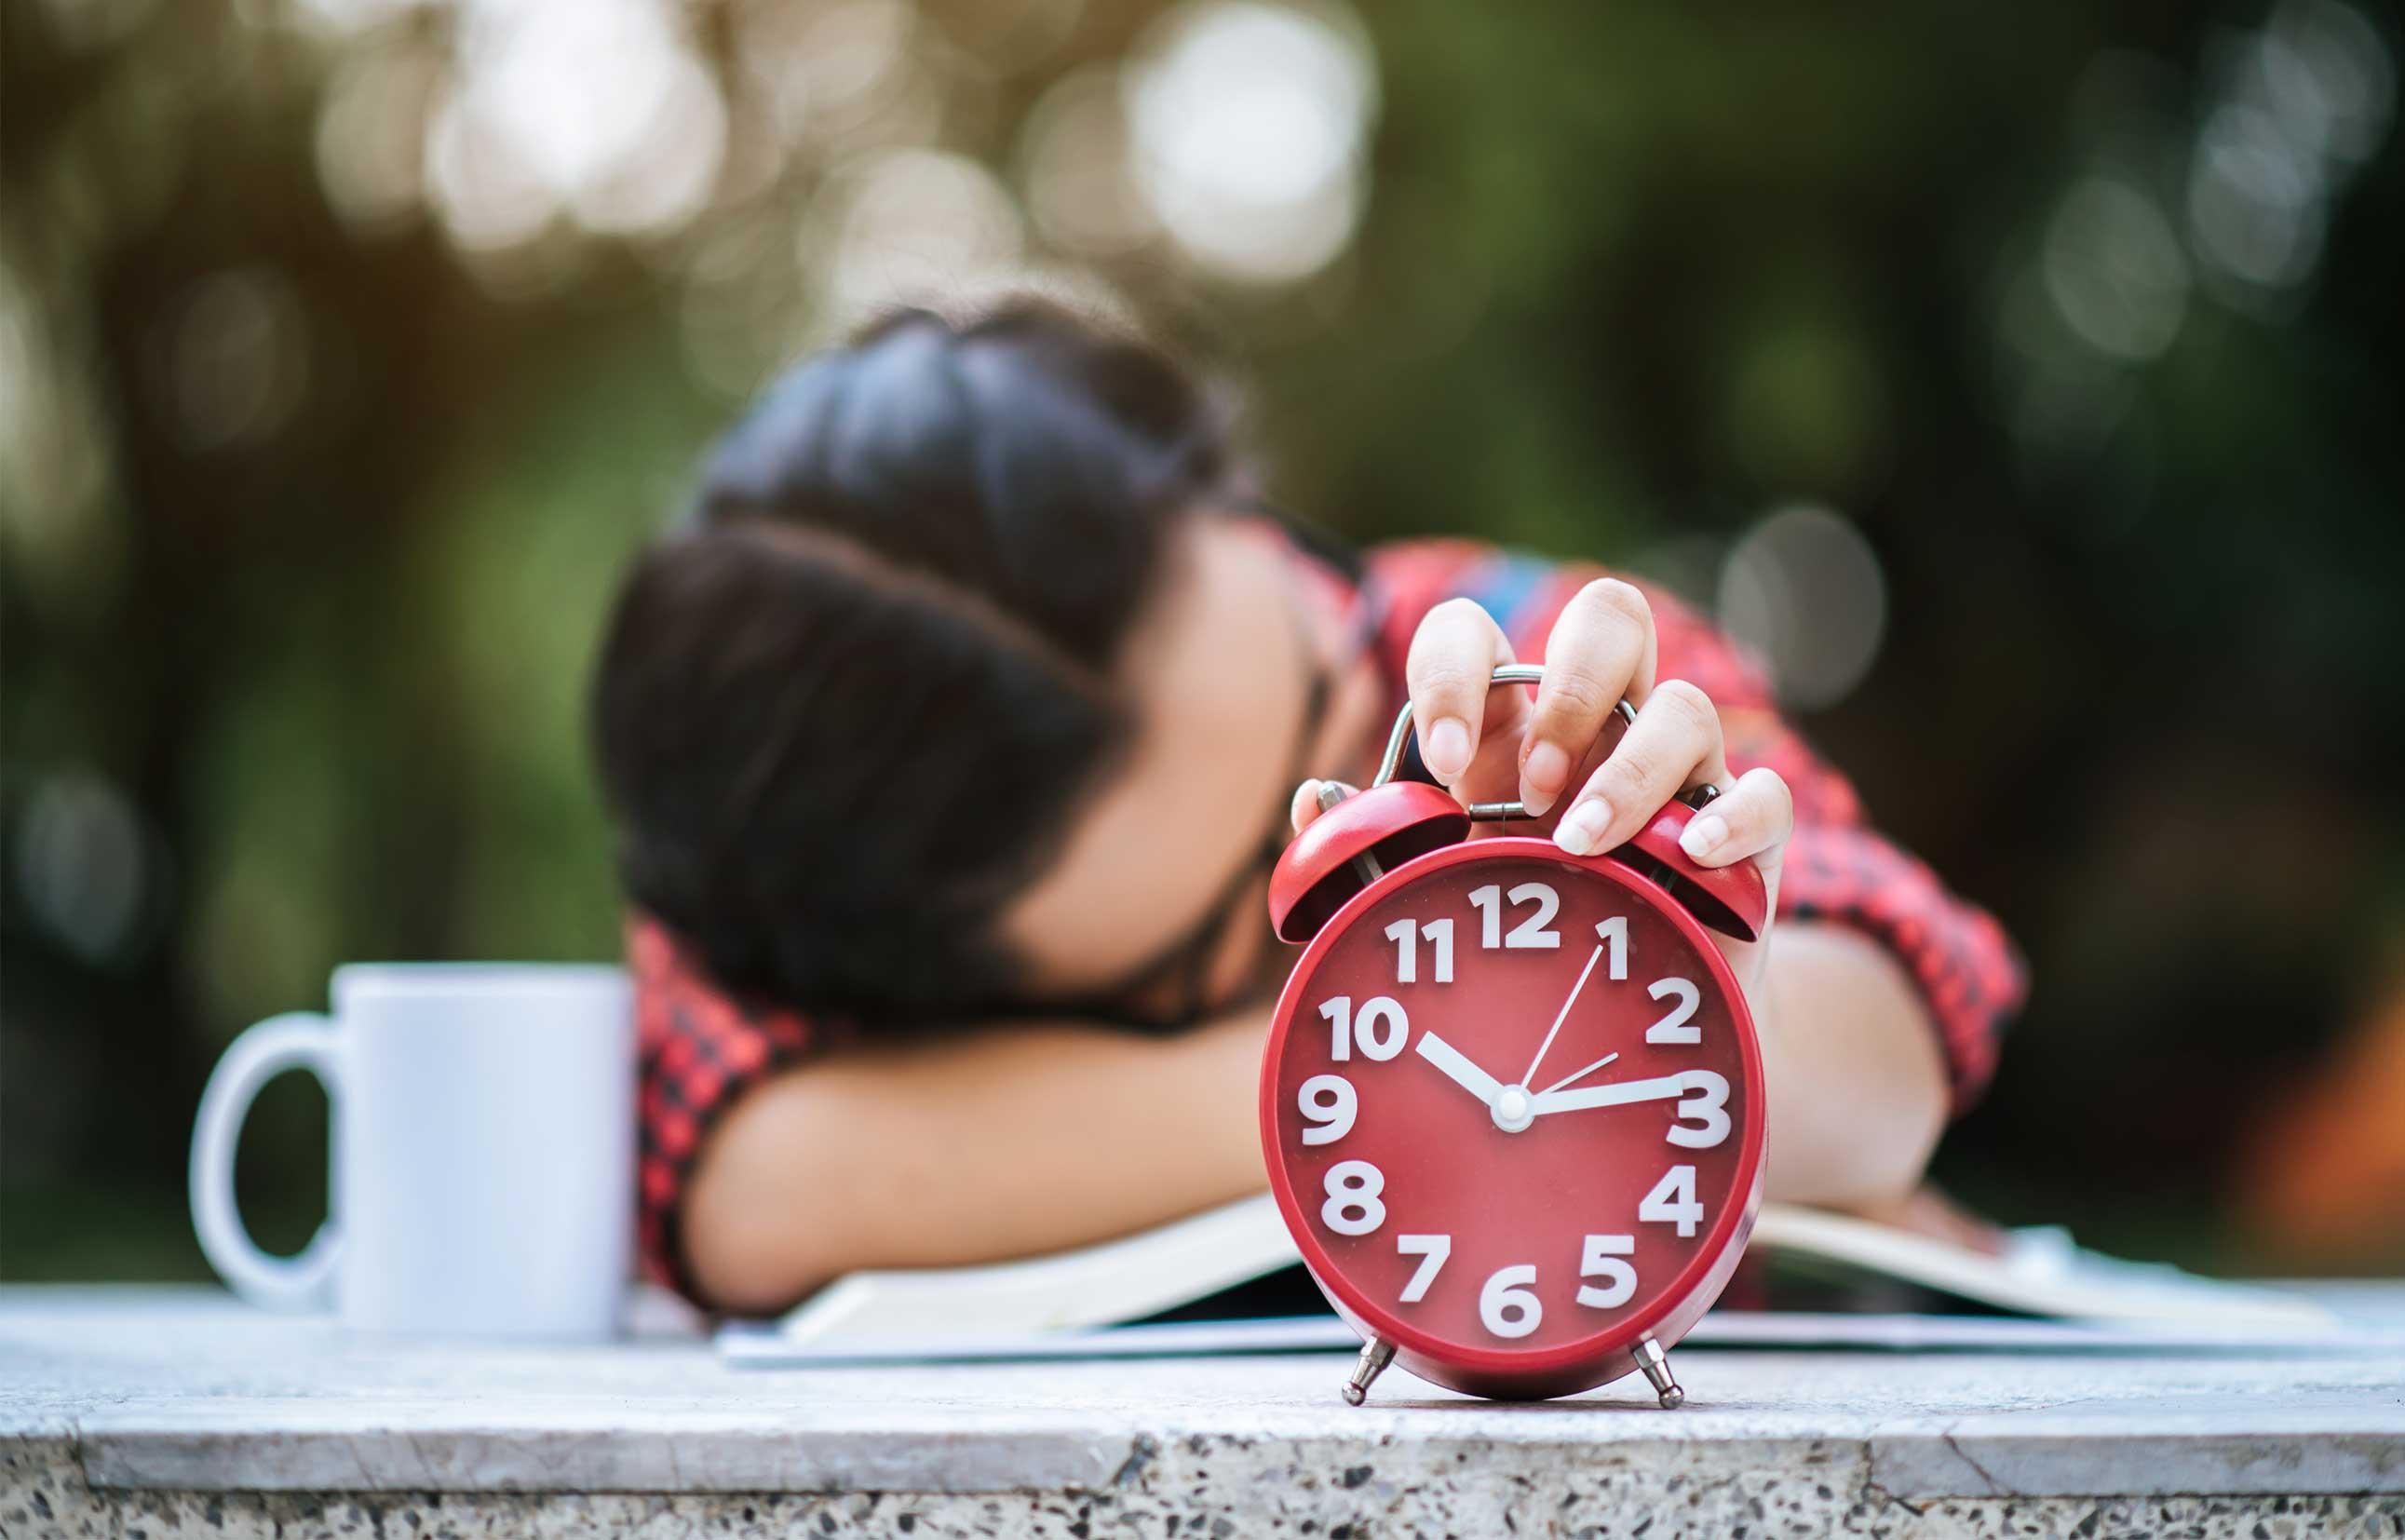 Estrés y vida acelerada